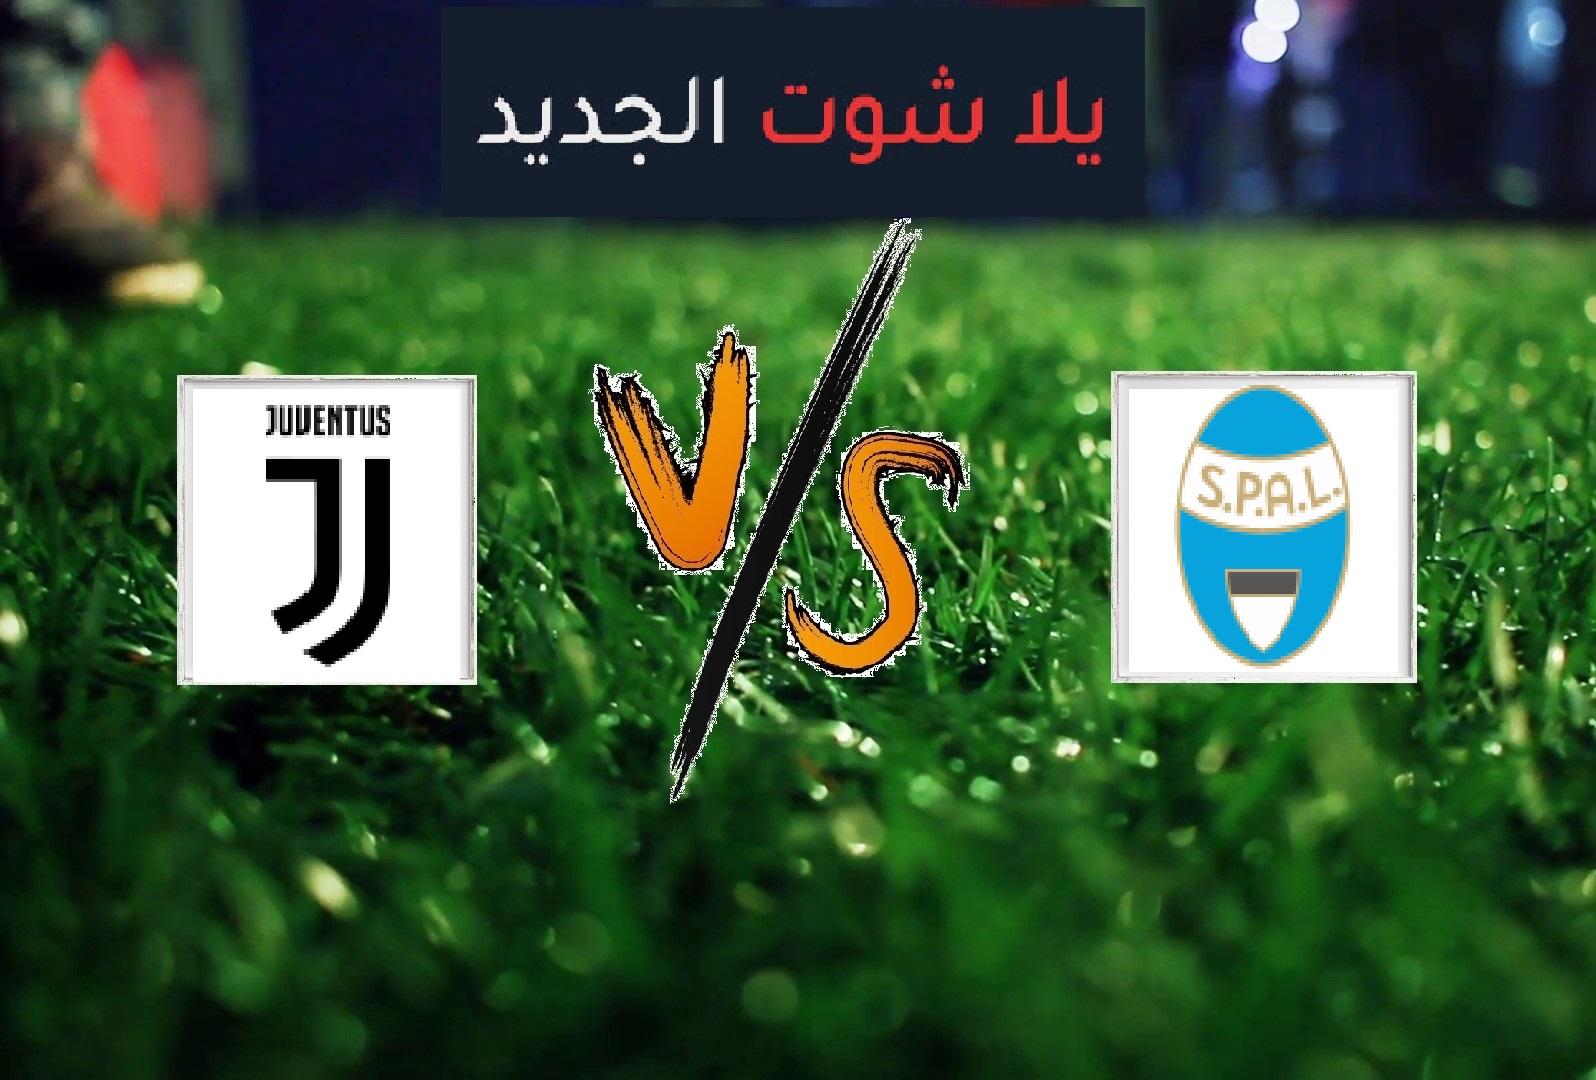 نتيجة مباراة سبال ويوفنتوس بتاريخ 22-02-2020 الدوري الايطالي